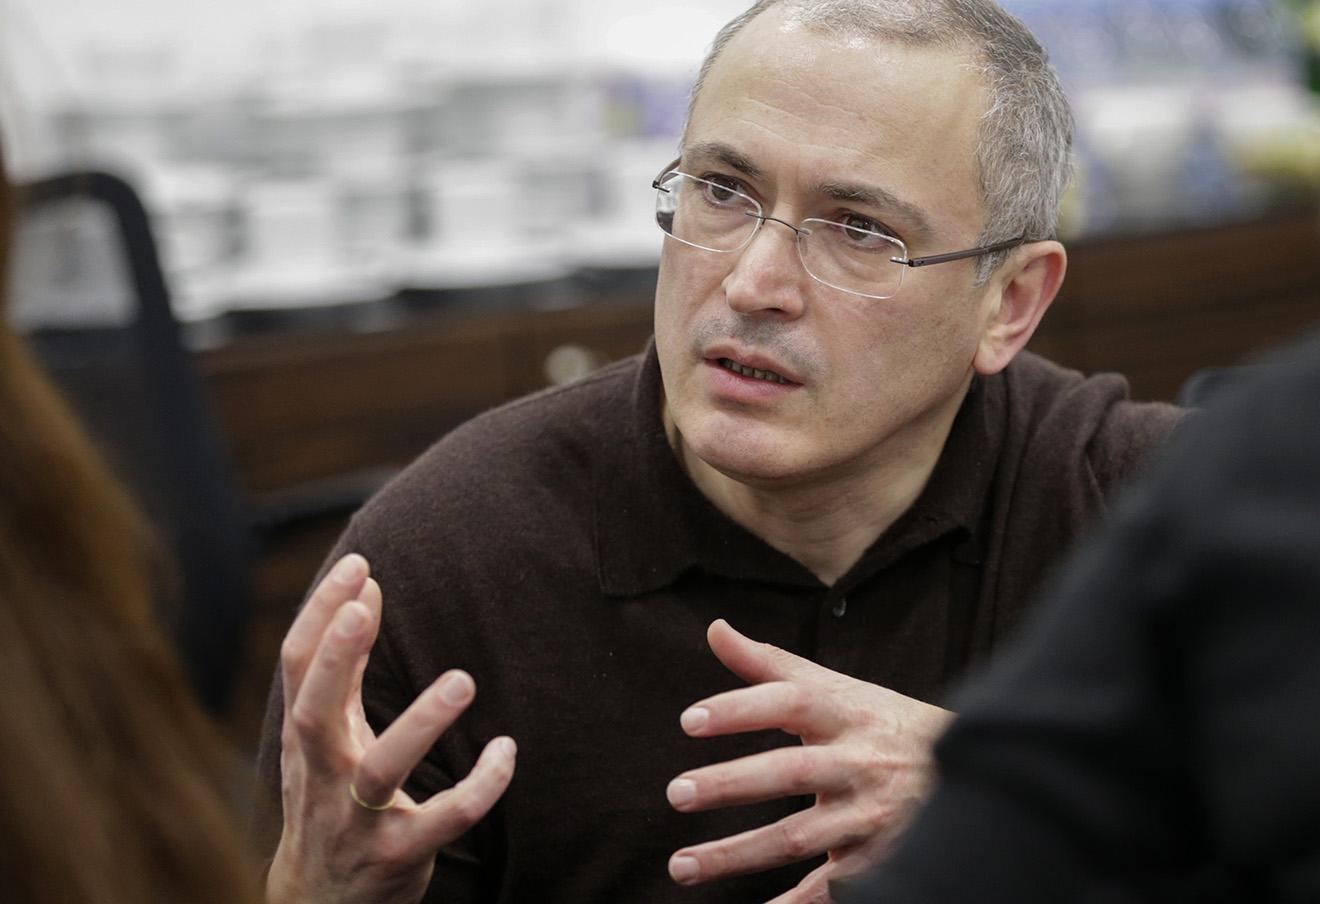 «Пушечное мясо»: как Ходорковский относится к своим сторонникам